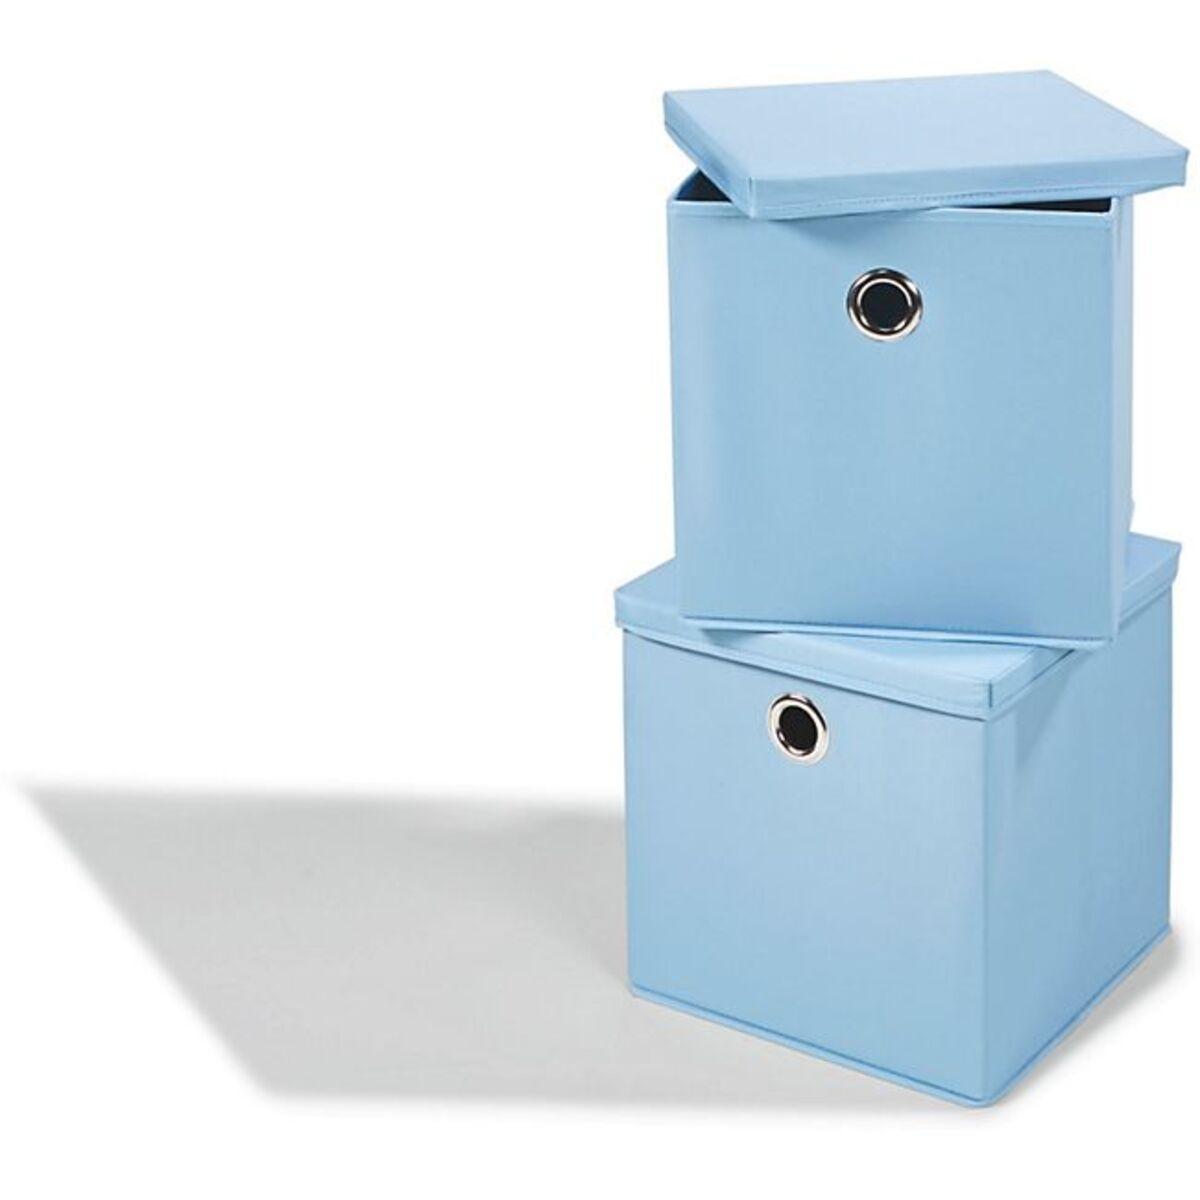 Bild 1 von Dekor Aufbewahrungsboxen, 2er Set - blau